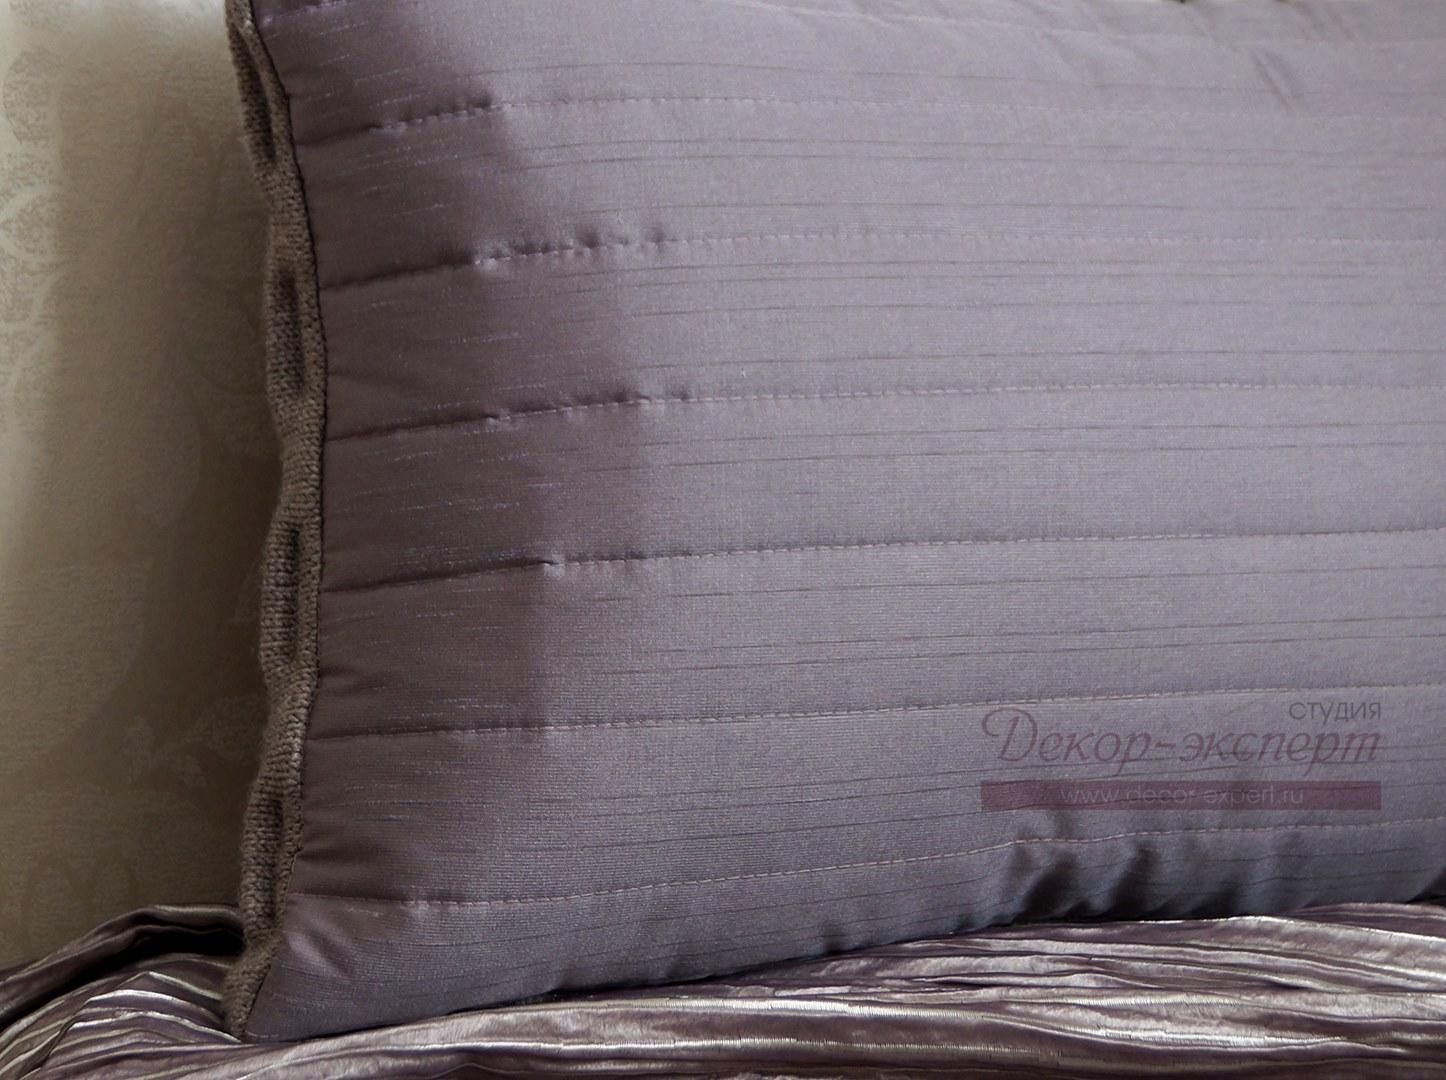 Обратная сторона подушки.